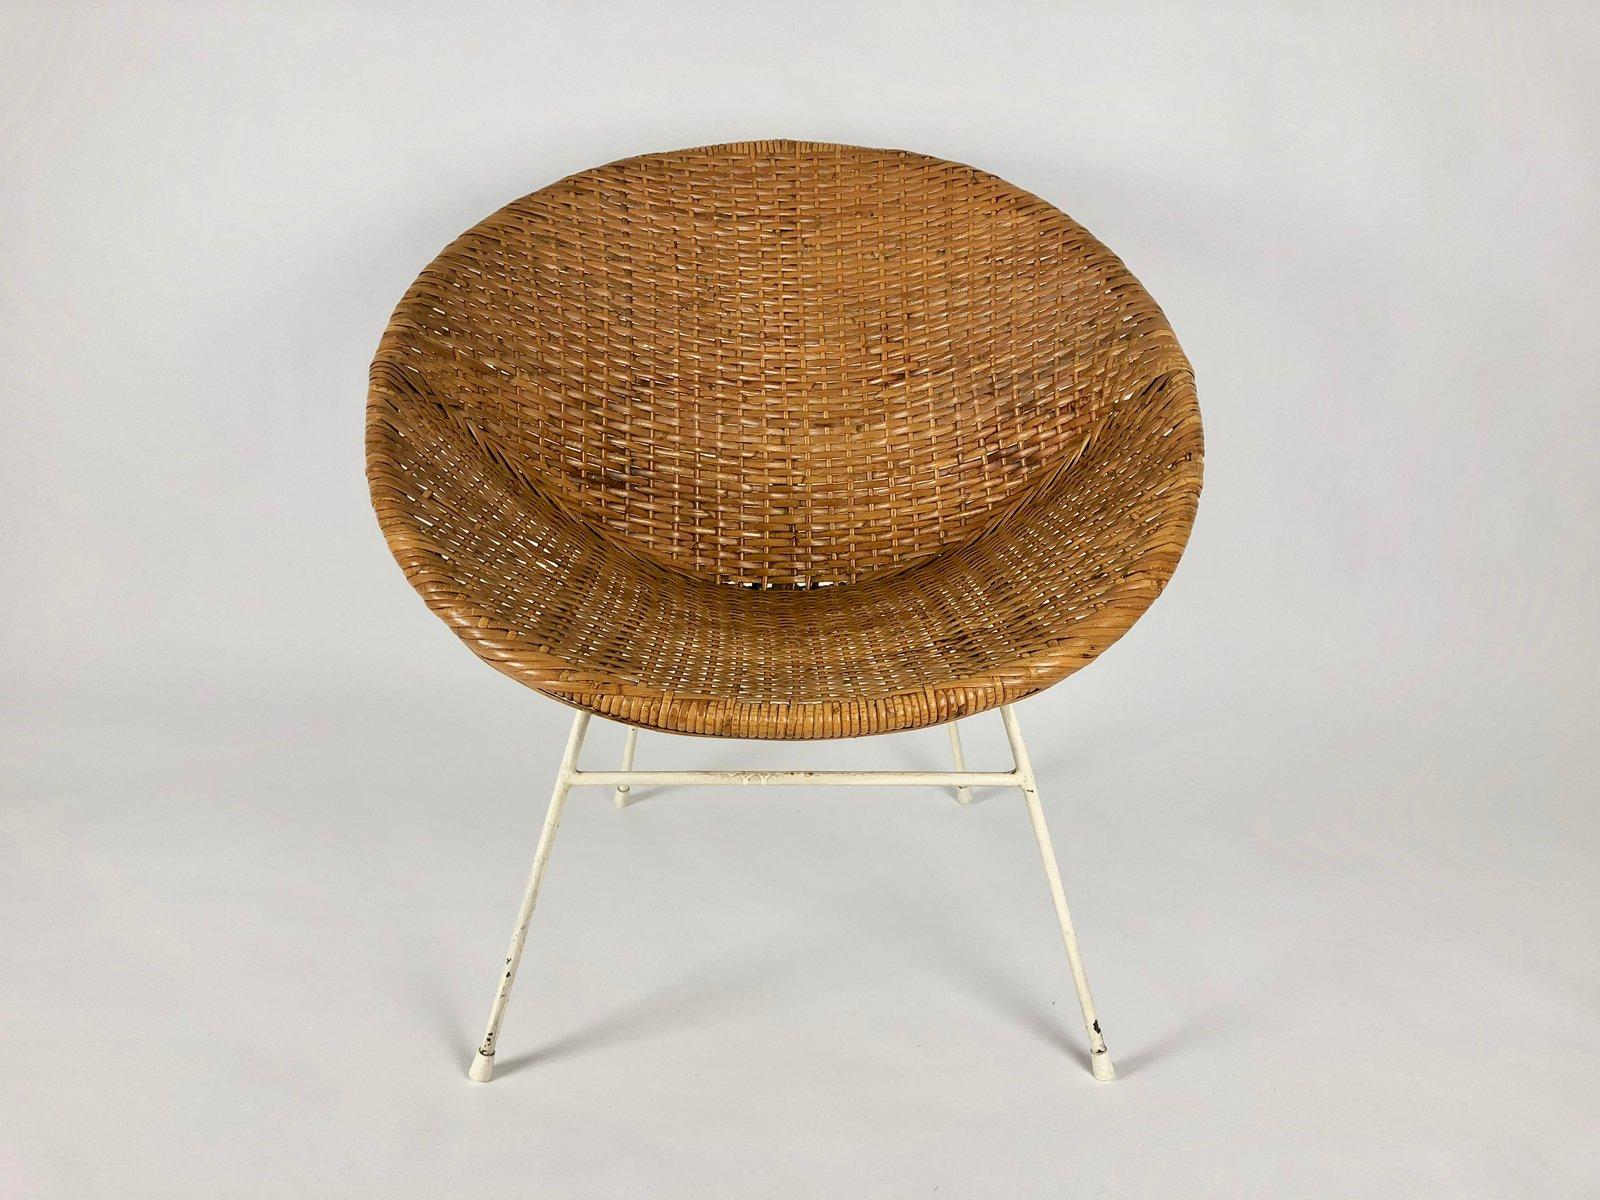 Vintage Sessel aus Rattan, 1960er